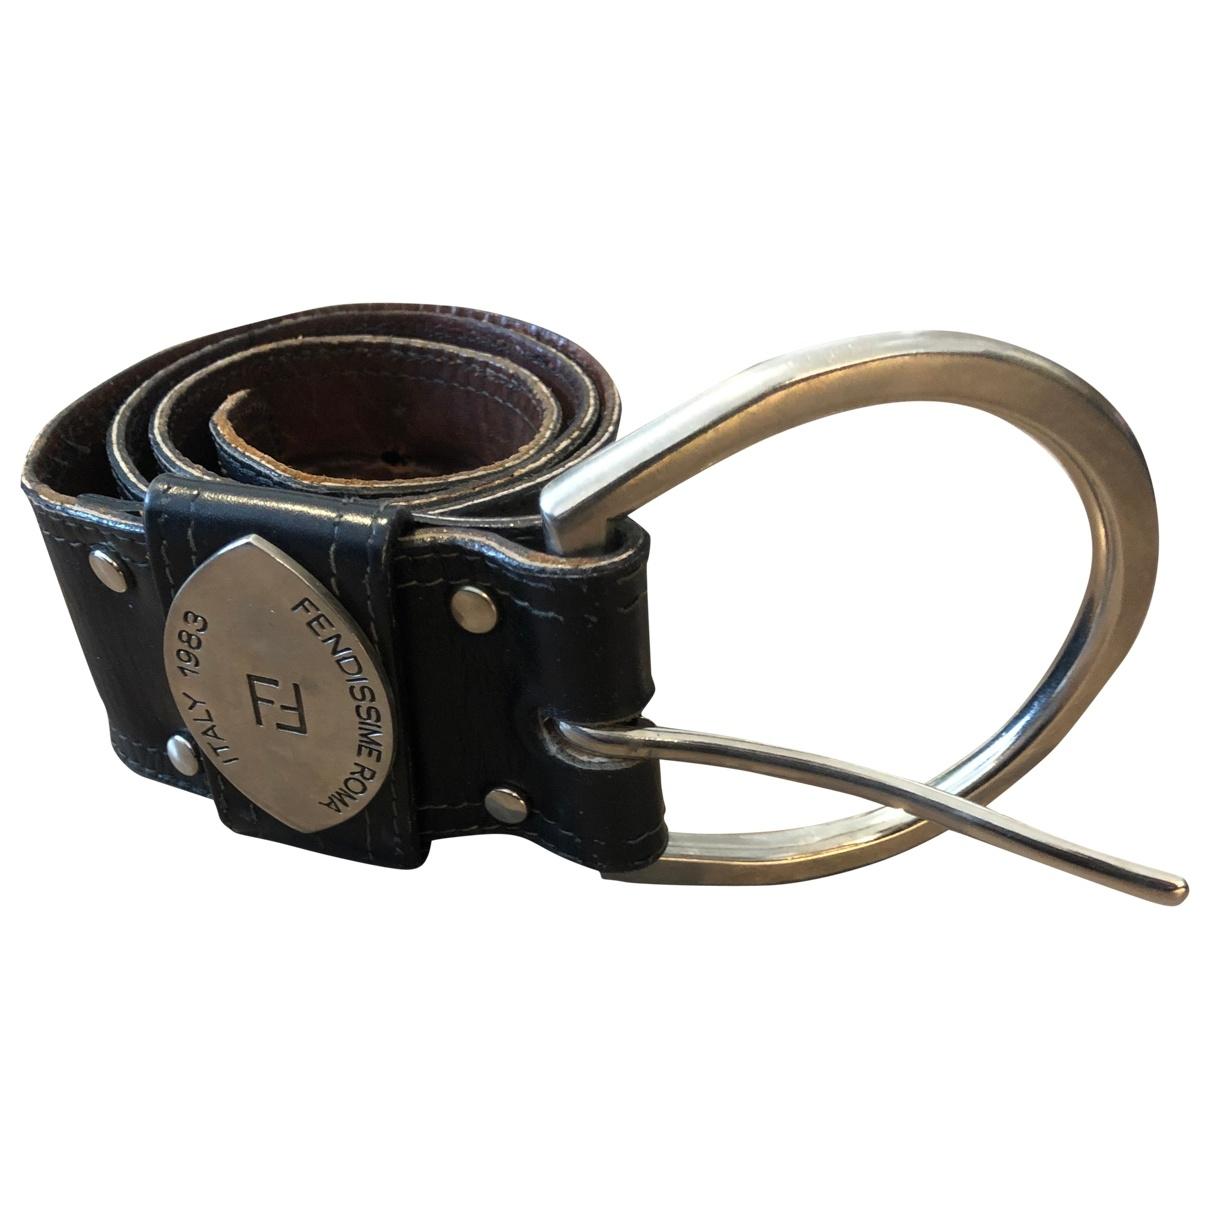 Fendissime Multi-accessory Belt Black Leather belt for Women 90 cm